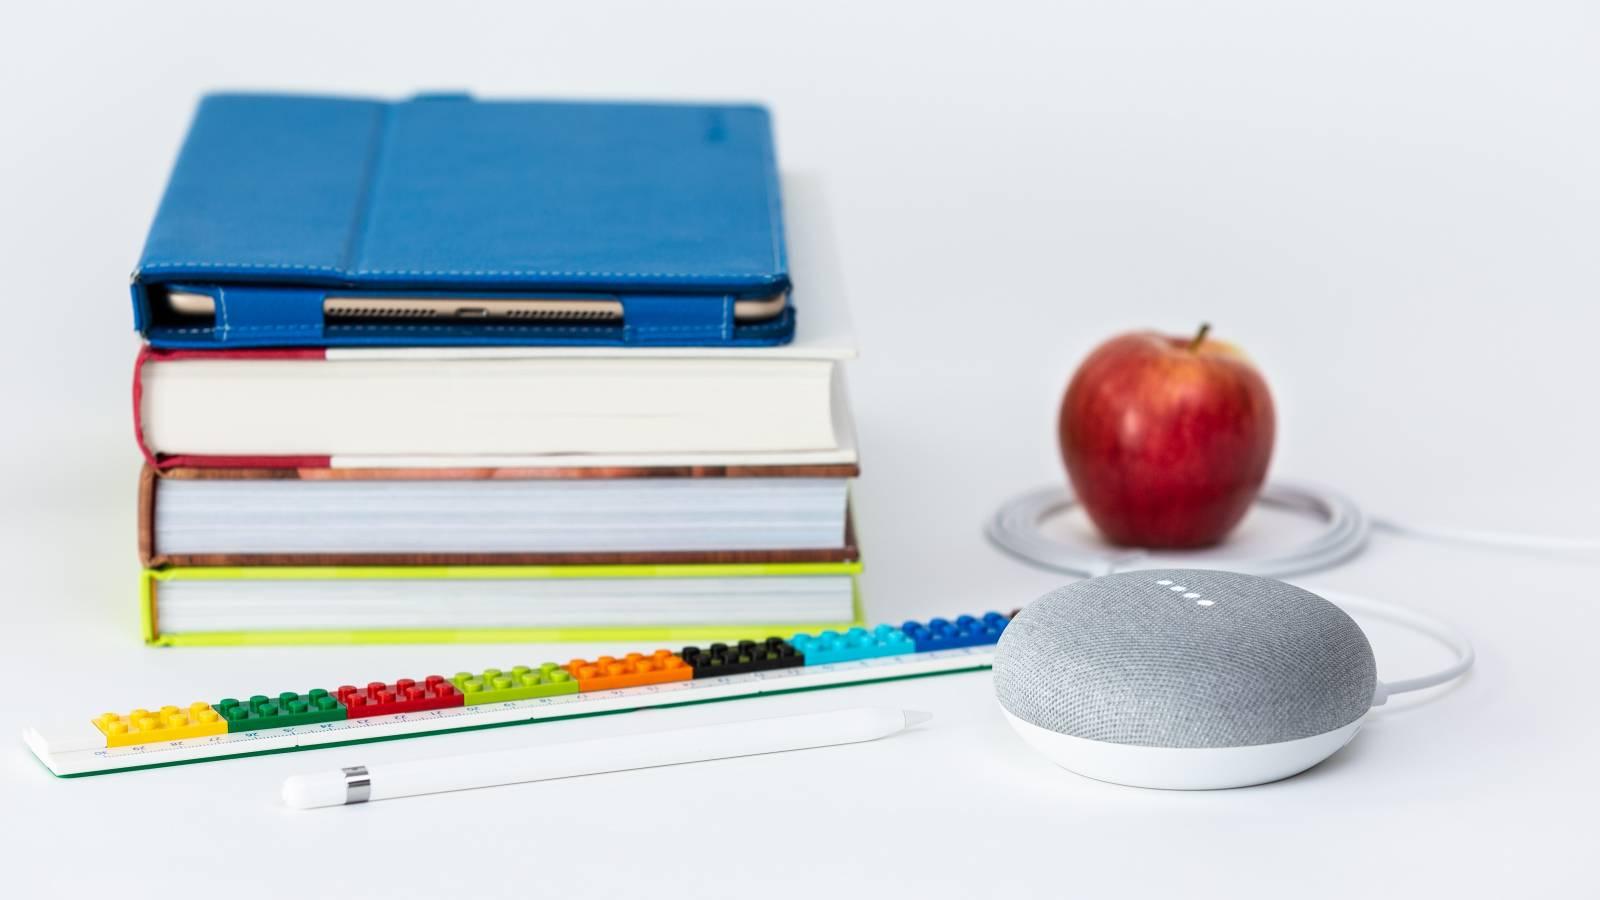 Pino kirjoja, omena ja muuta tavaraa tasolla.